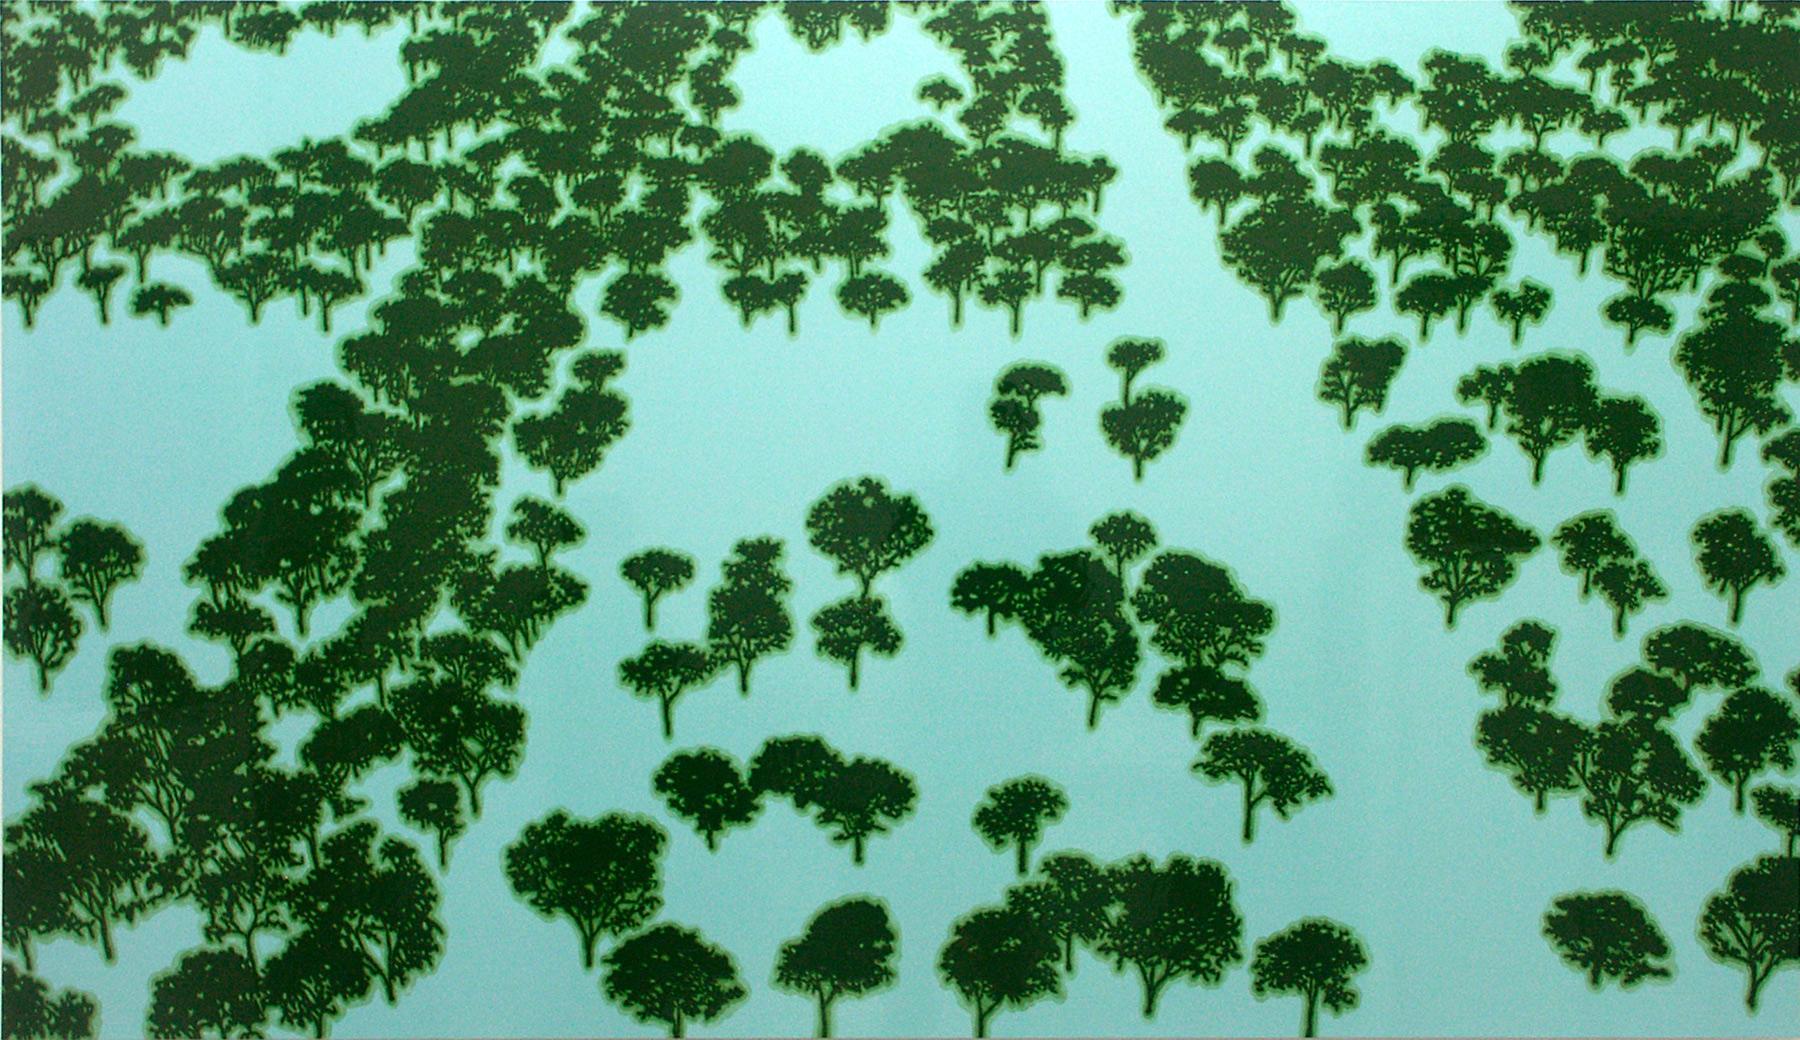 artificial landscape, 2002, peinture alkyde sur dibond, 112 x 220 cm